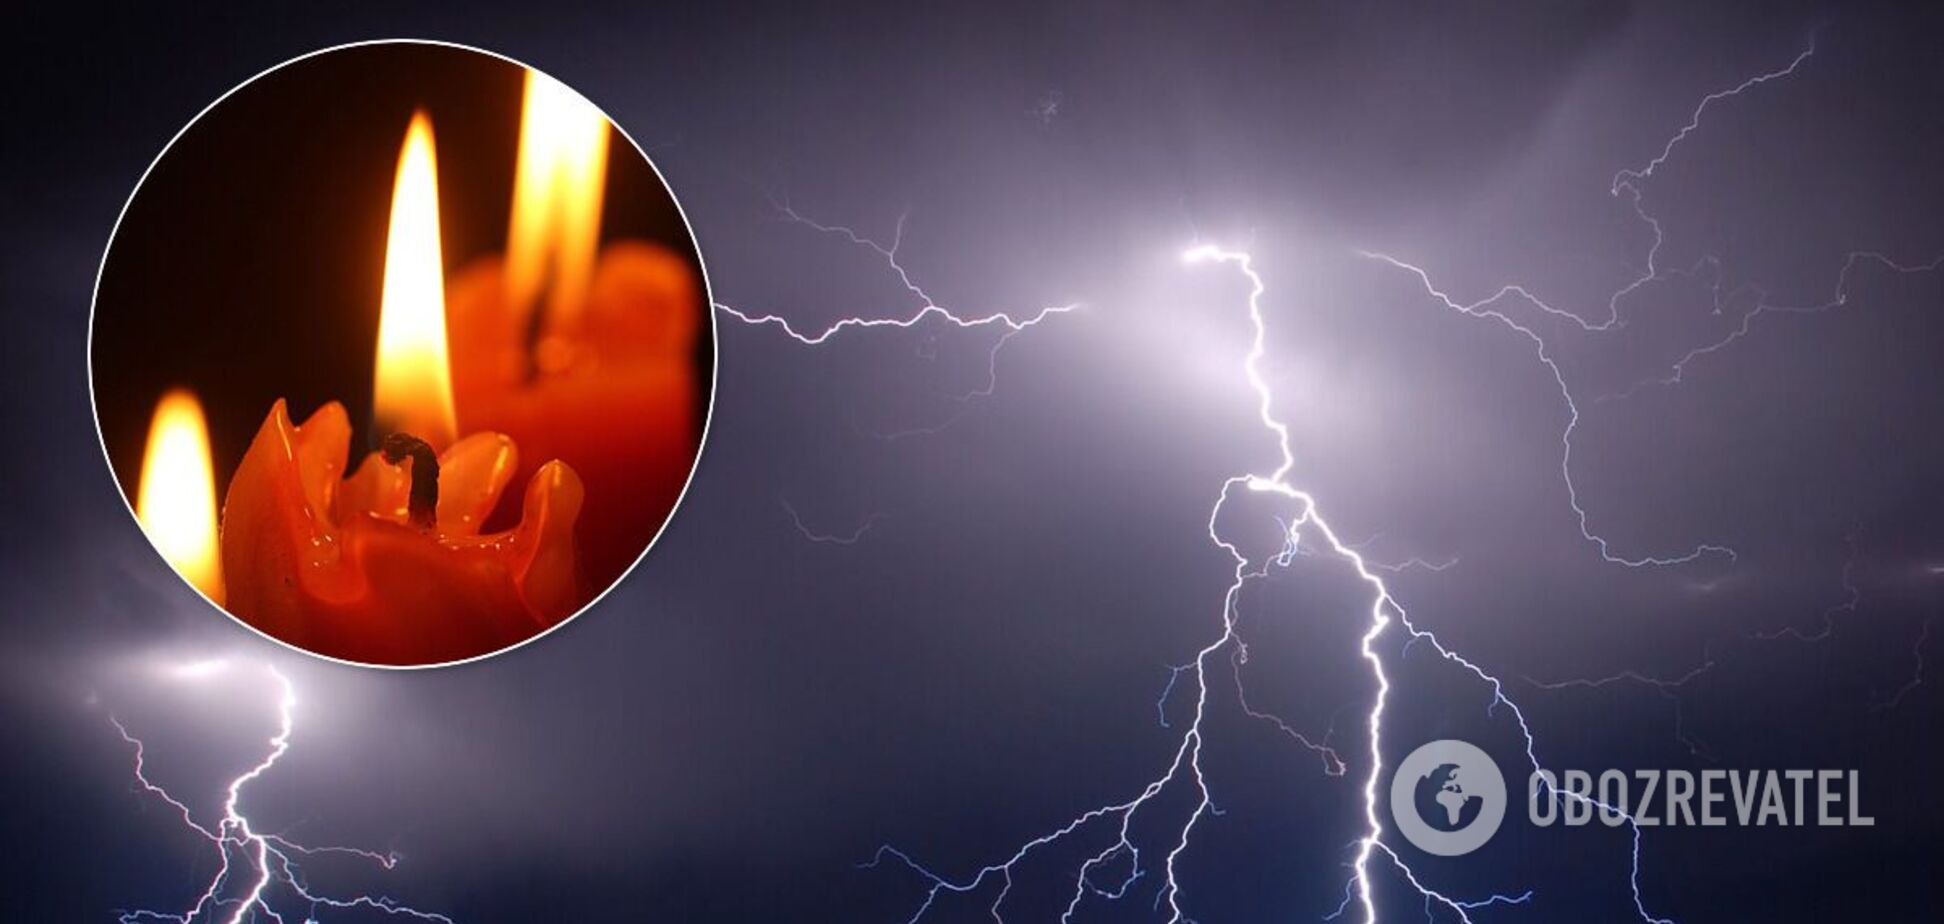 Астролог розповів, як відновити здоров'я і загадати бажання на Іллі пророка